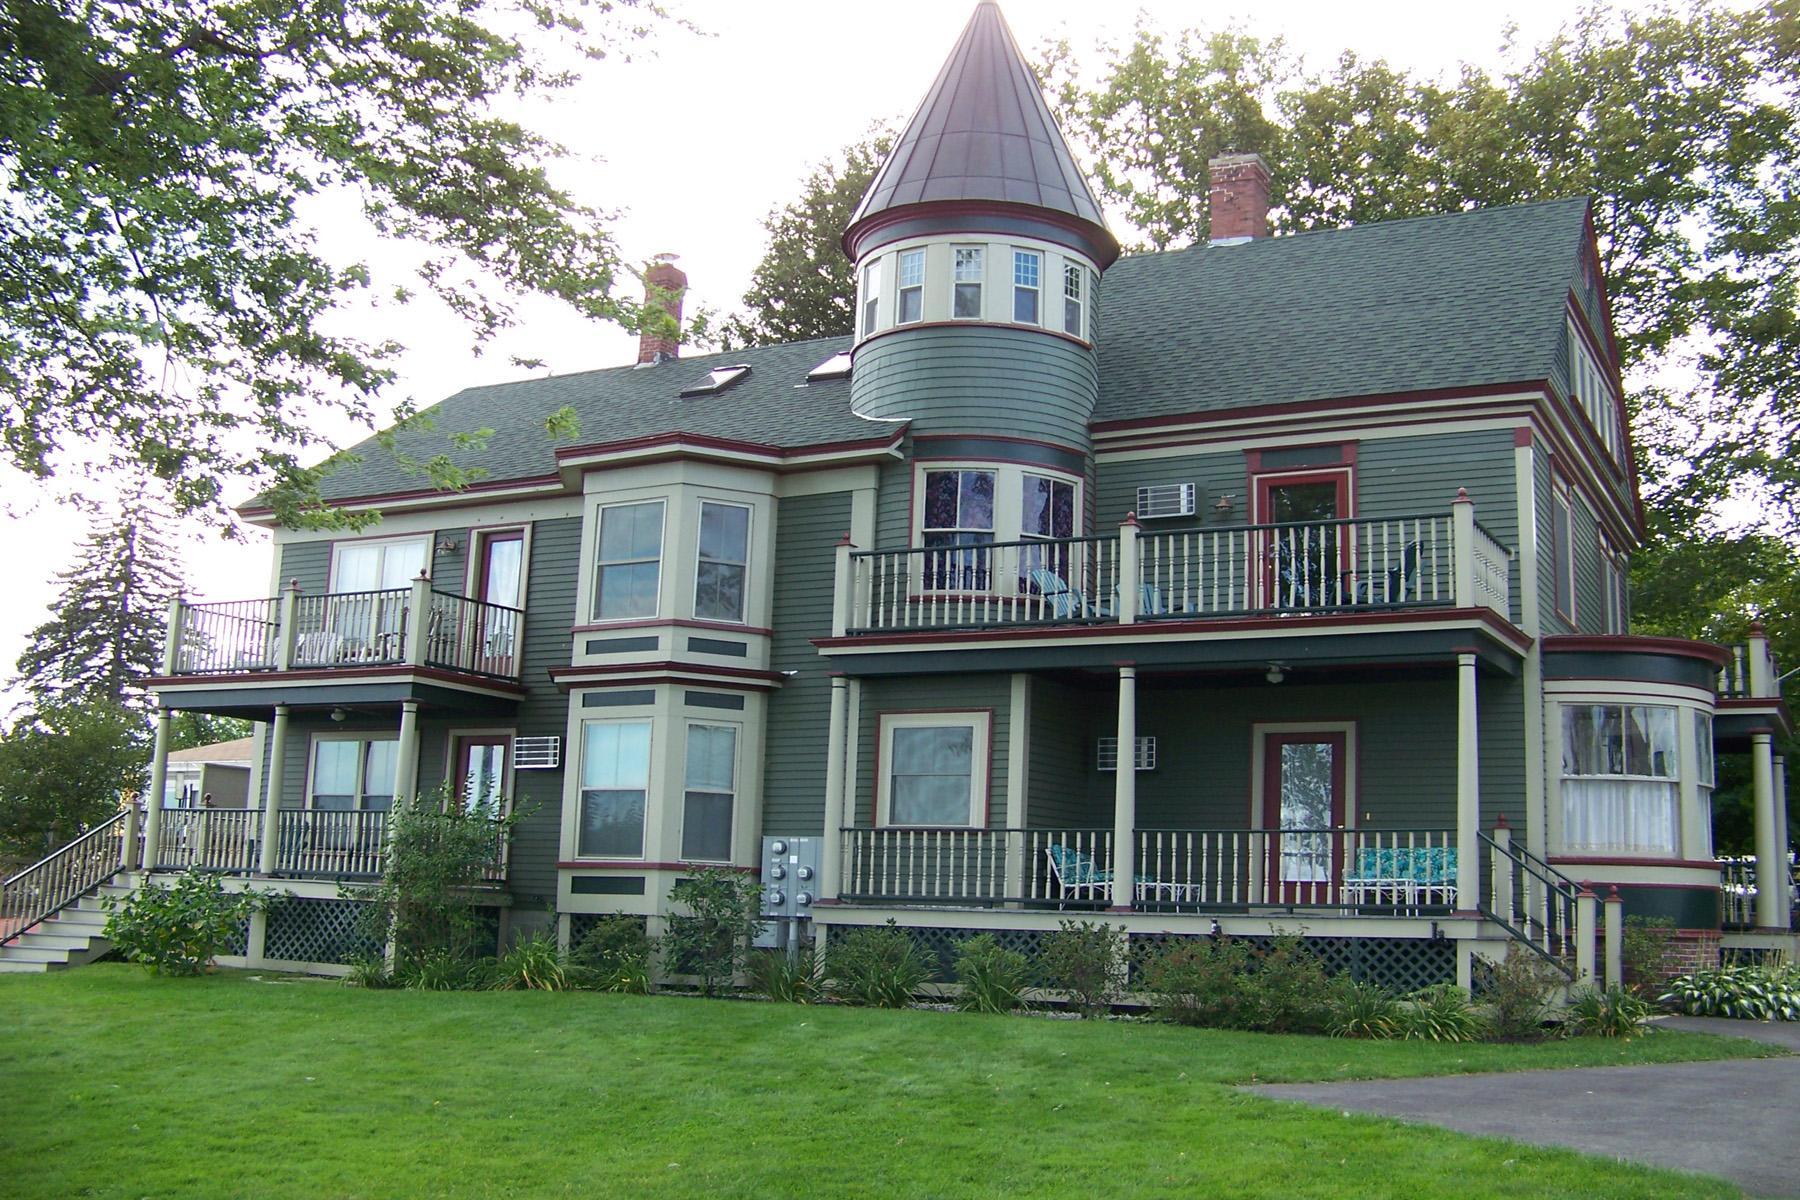 Maison unifamiliale pour l Vente à 22 - 24 North Main Street, Wolfeboro Wolfeboro, New Hampshire 03894 États-Unis